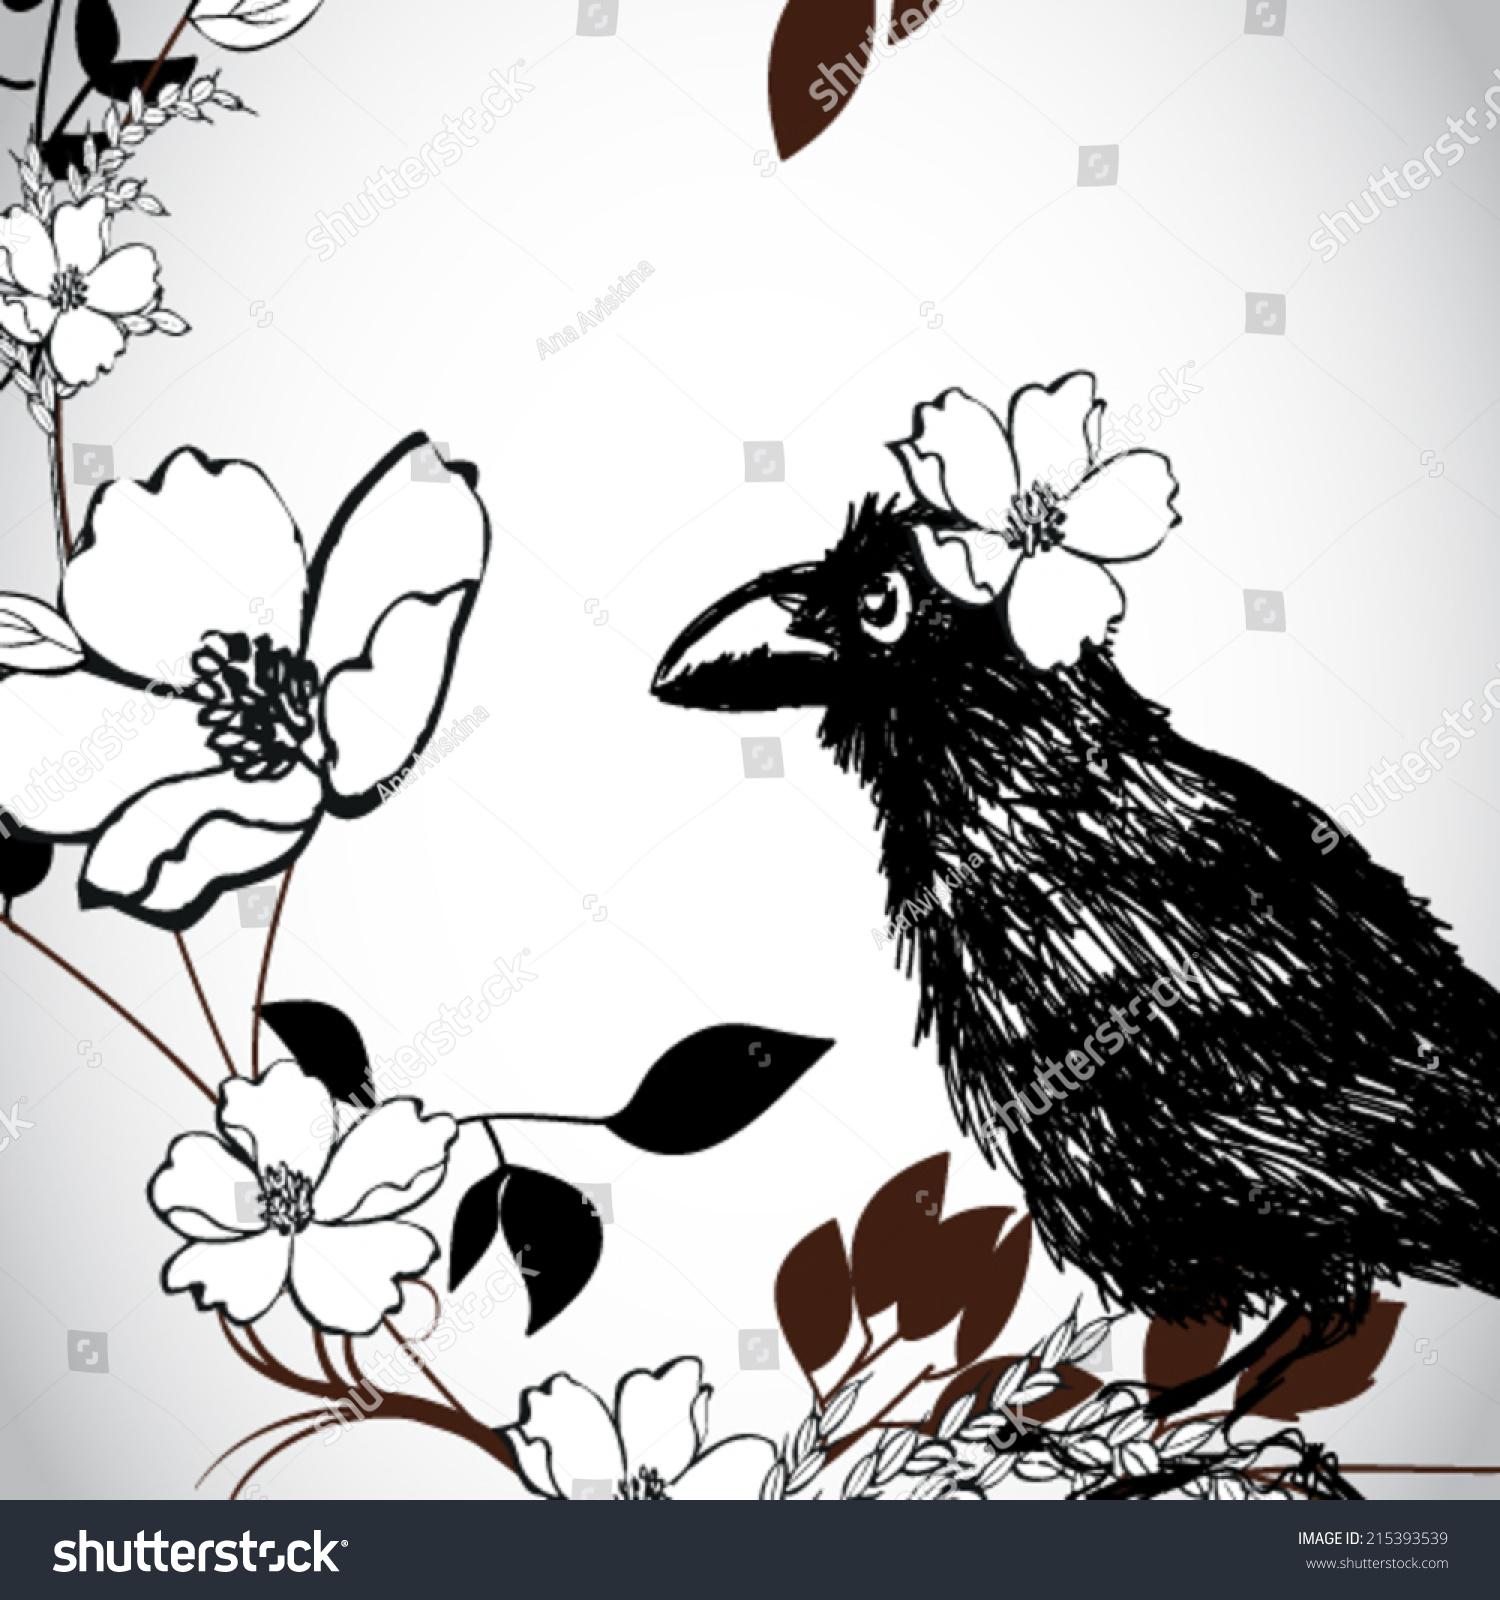 ppt乌鸦动物边框